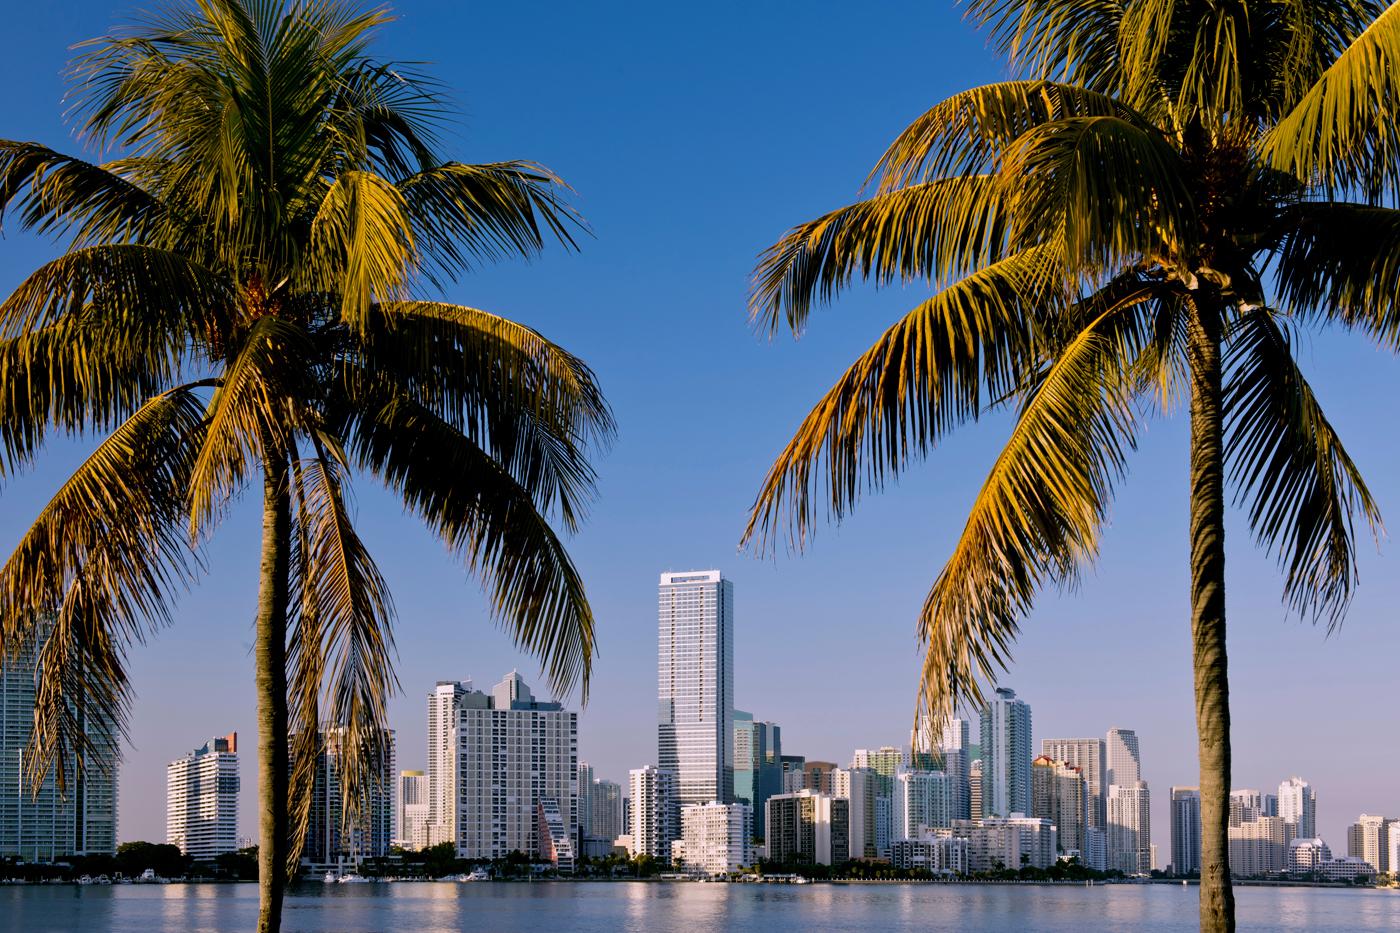 Che temperature Miami a dicembre